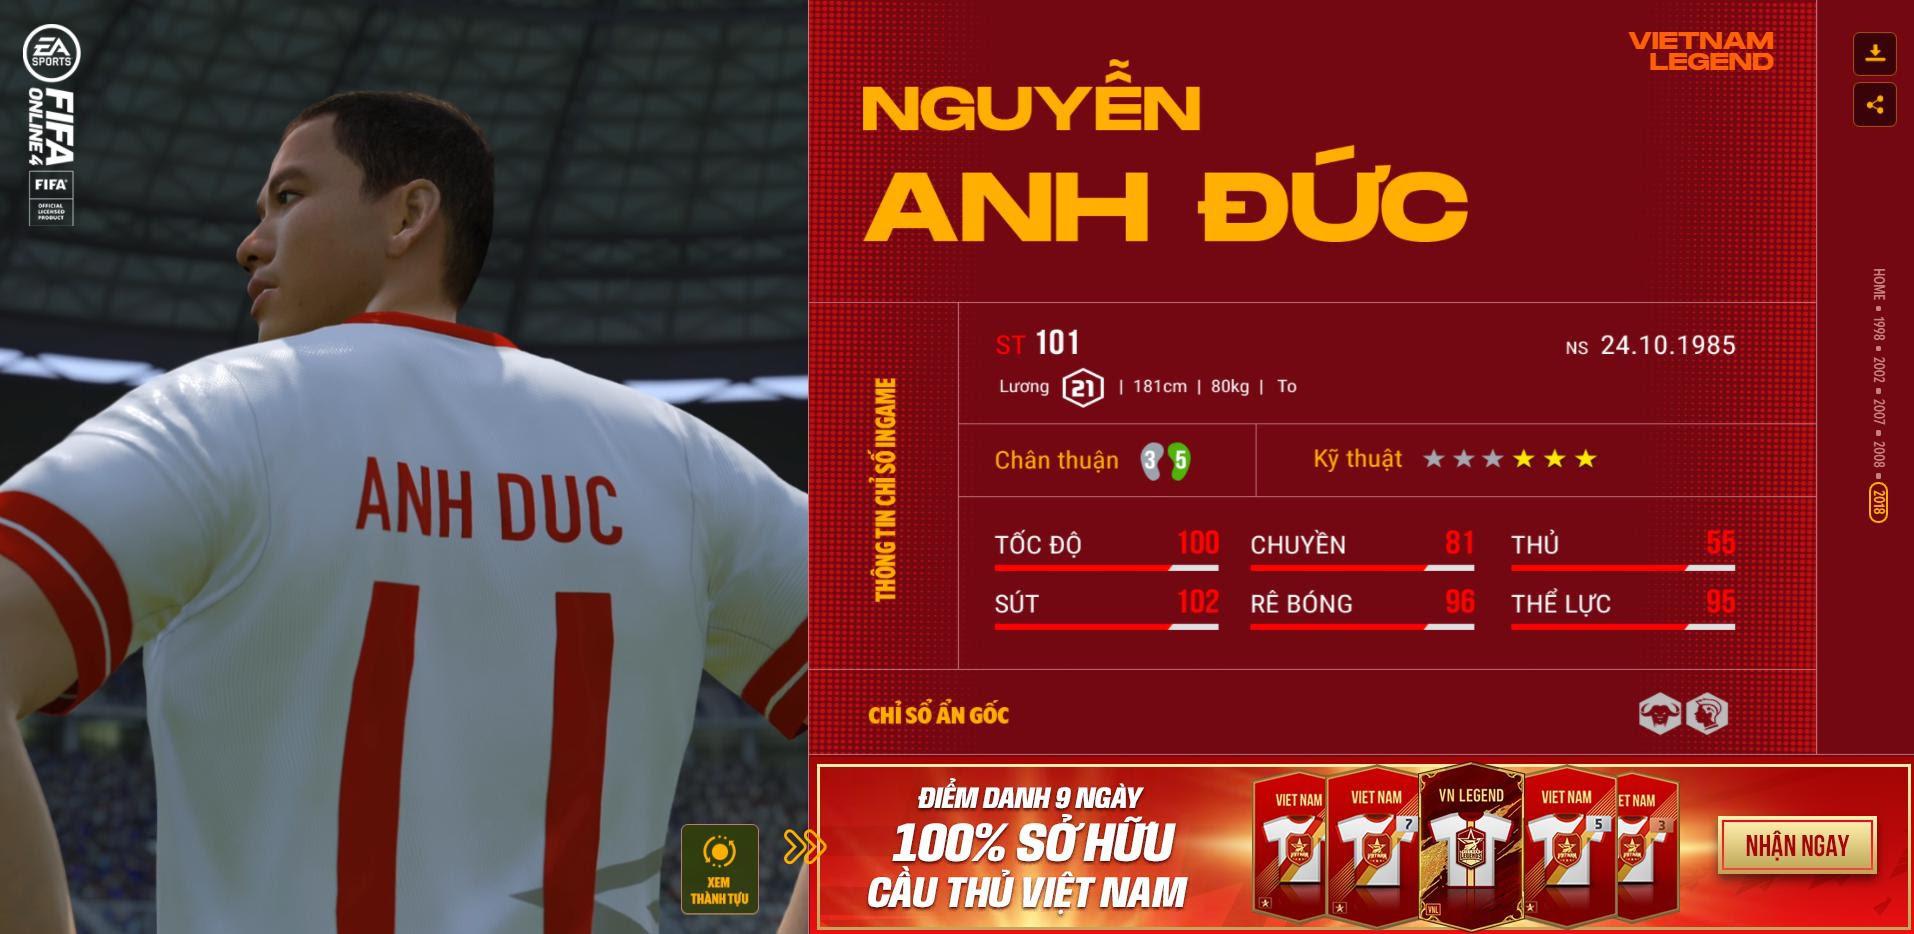 Các huyền thoại bóng đá Việt Nam bất ngờ xuất hiện trong Fifa Online 4 - Ảnh 10.